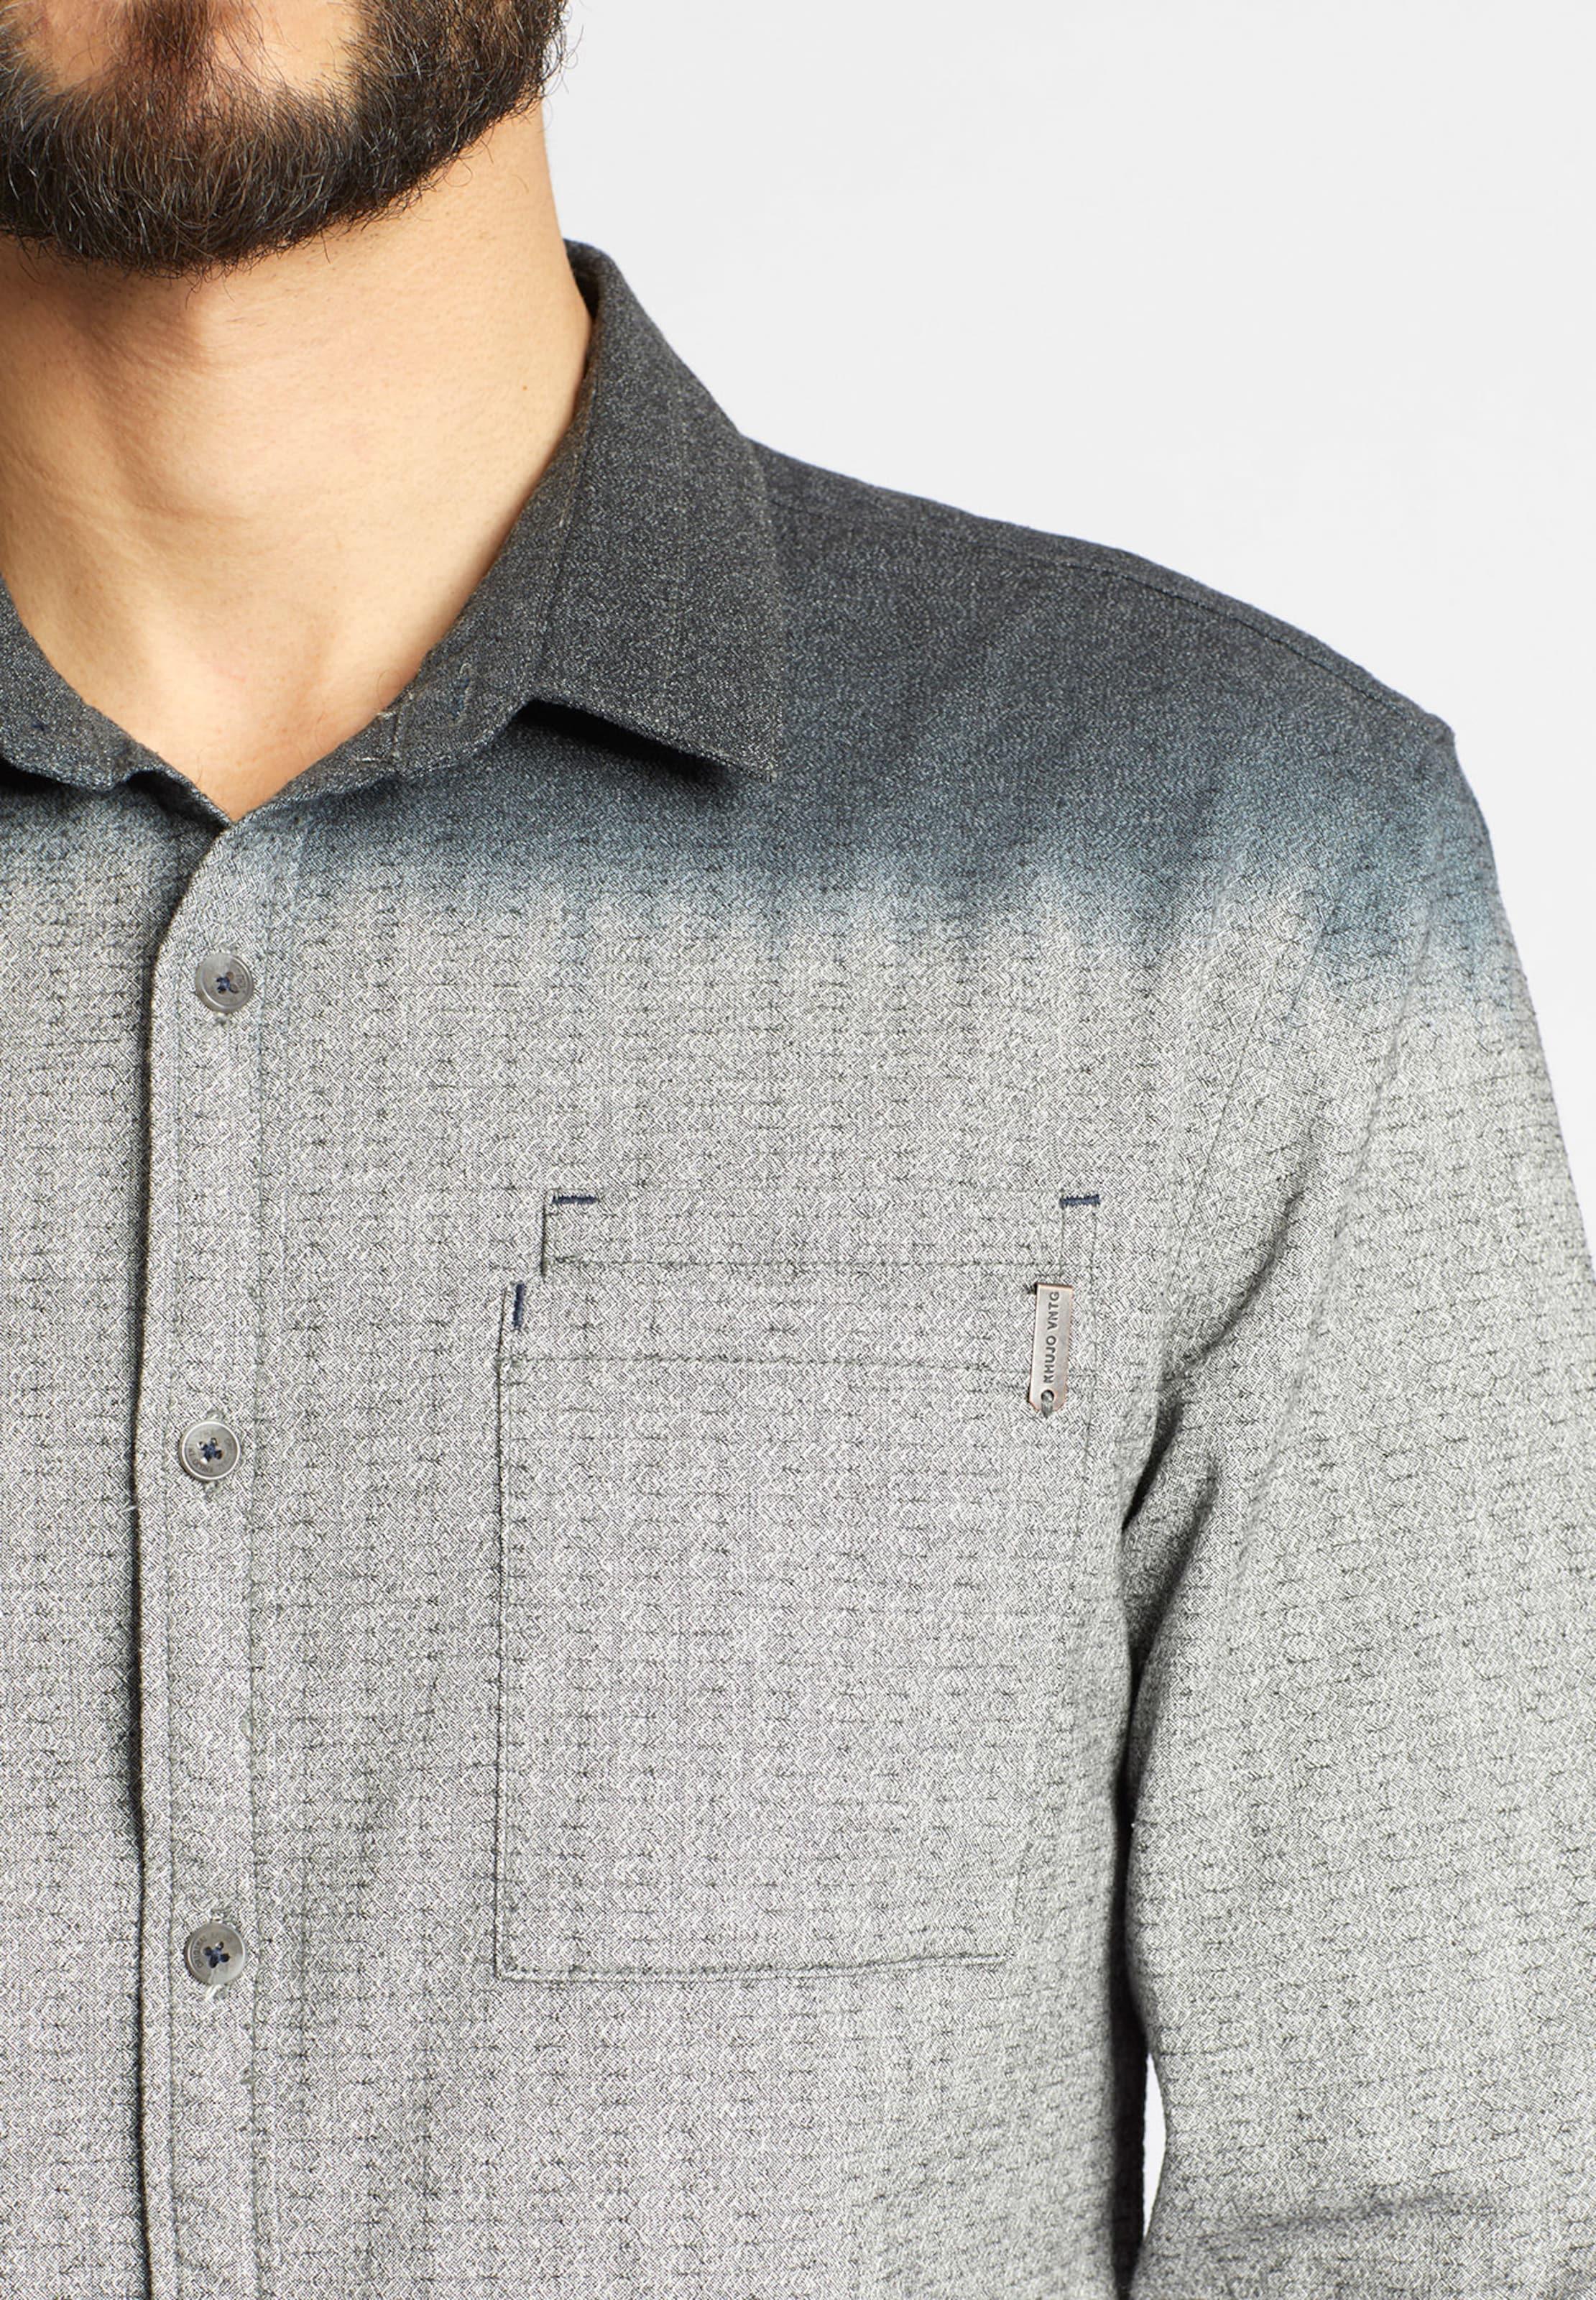 Shirt Khujo Khujo In Khujo Shirt Shake Shake In GrauDunkelgrau GrauDunkelgrau 5c4LARj3q